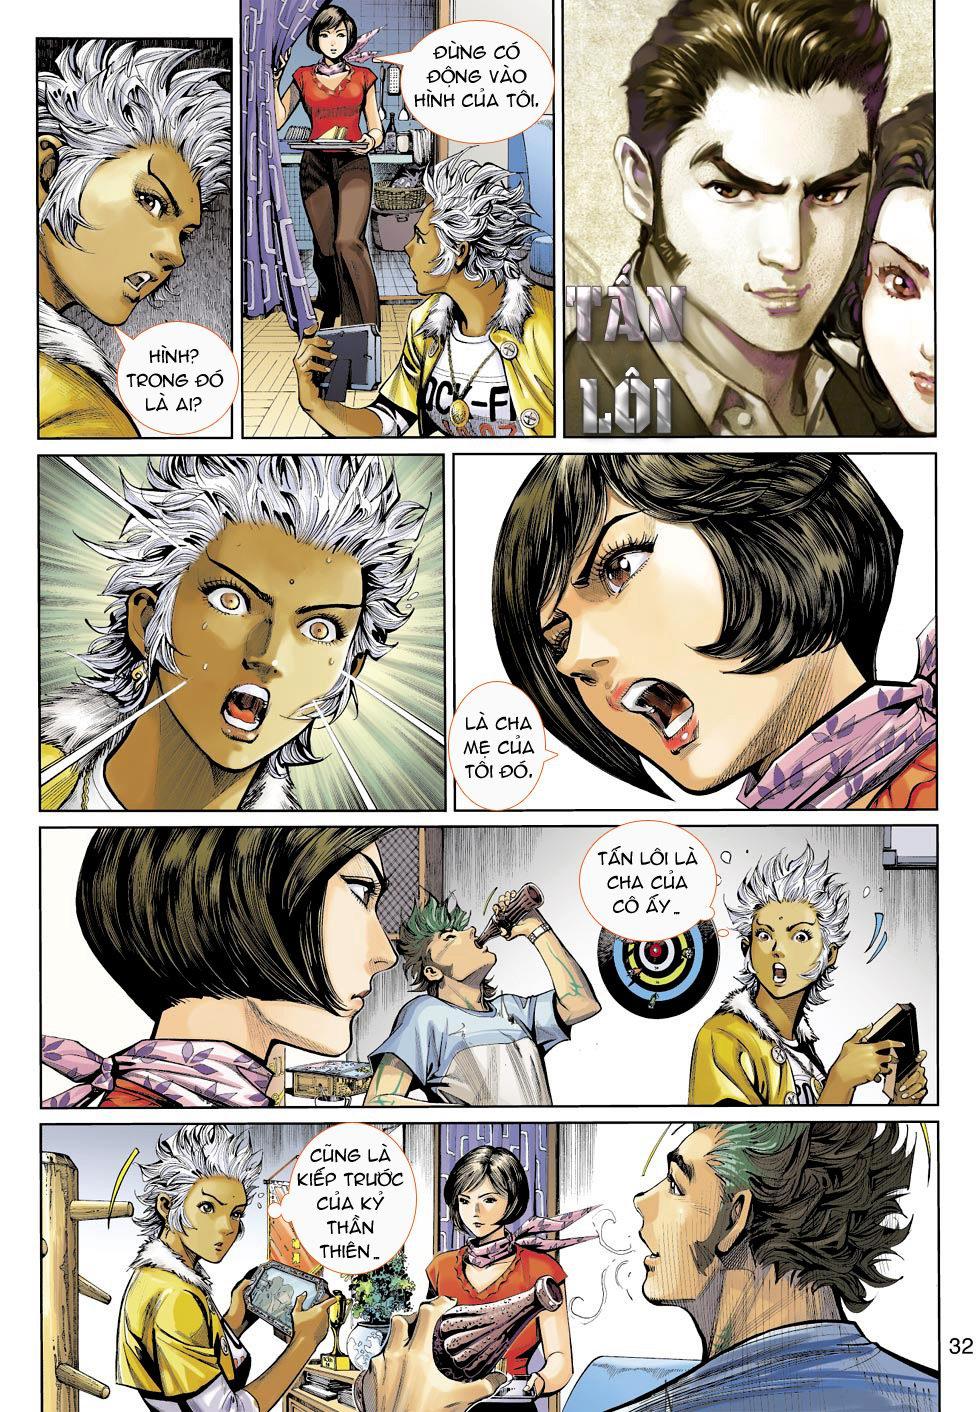 Thần Binh 4 chap 16 - Trang 32